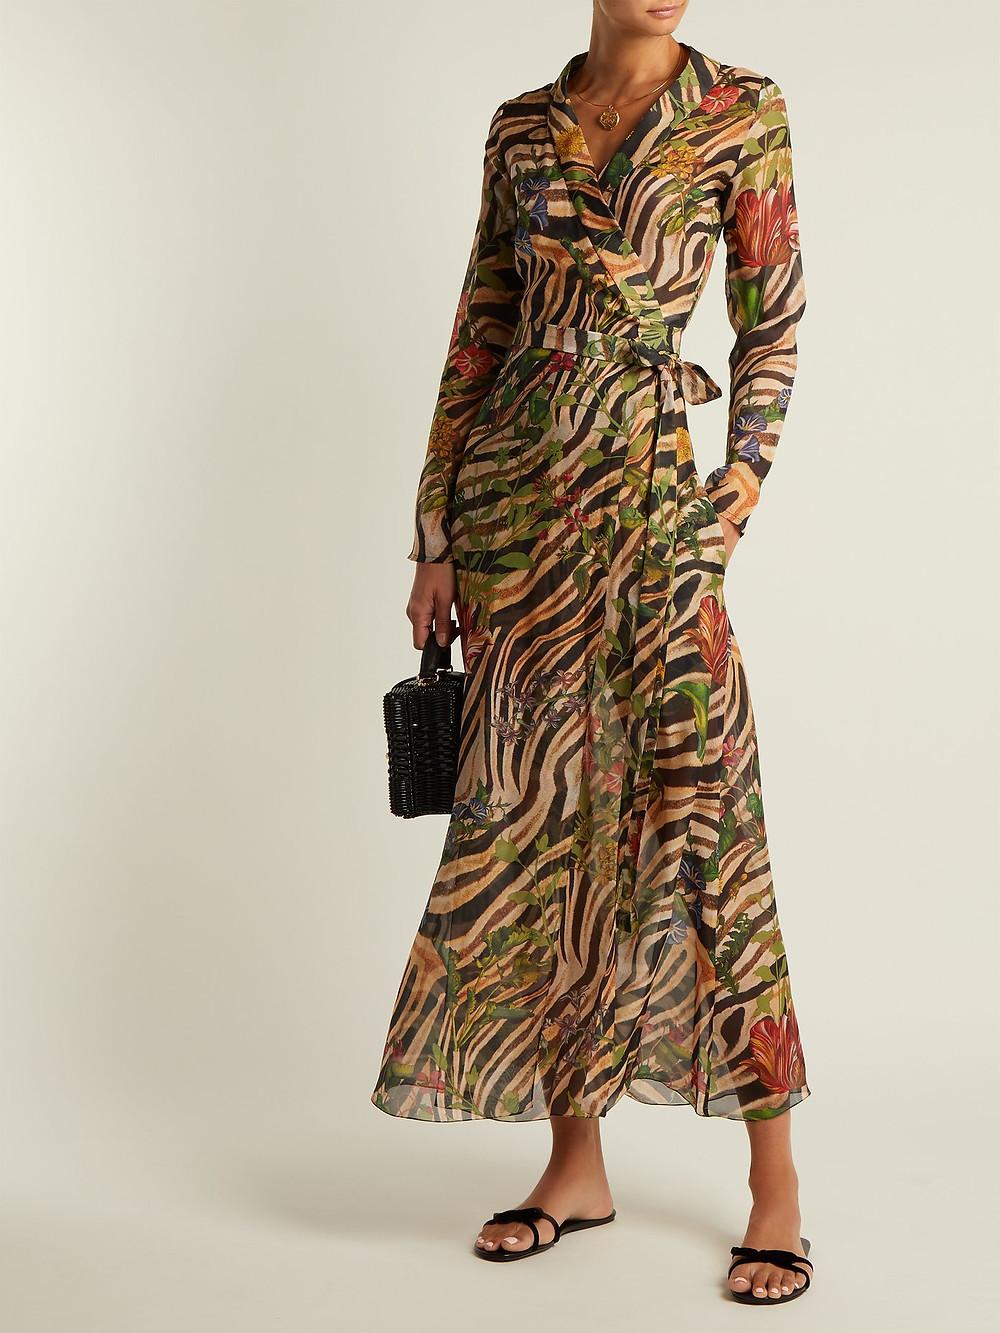 Adriana Iglesias Beverly zebra-print silk chiffon dress $1,096